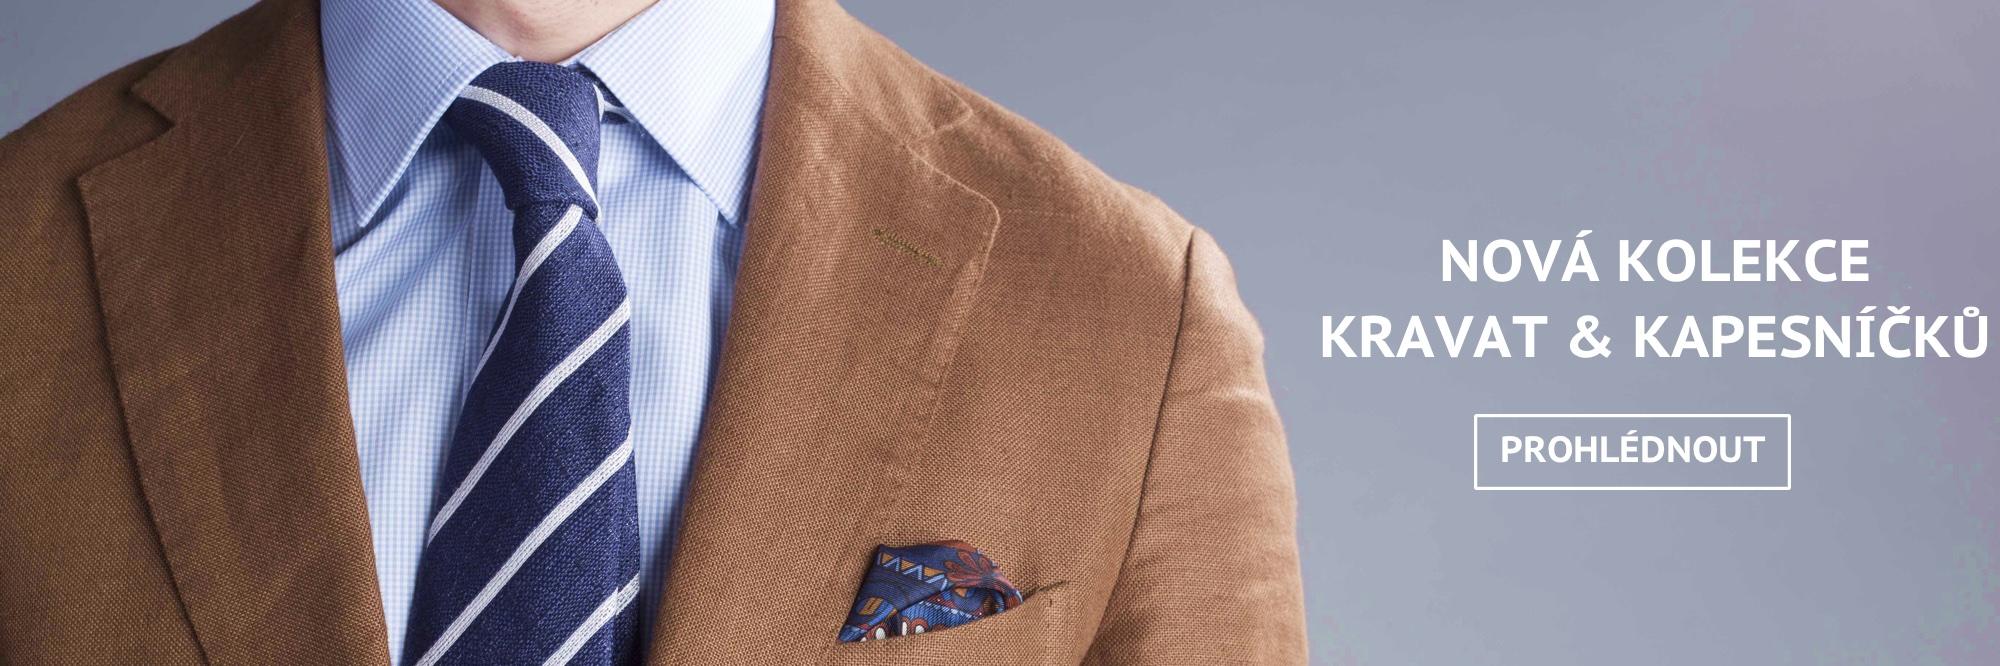 Letní kolekce kapesníčků a kravat